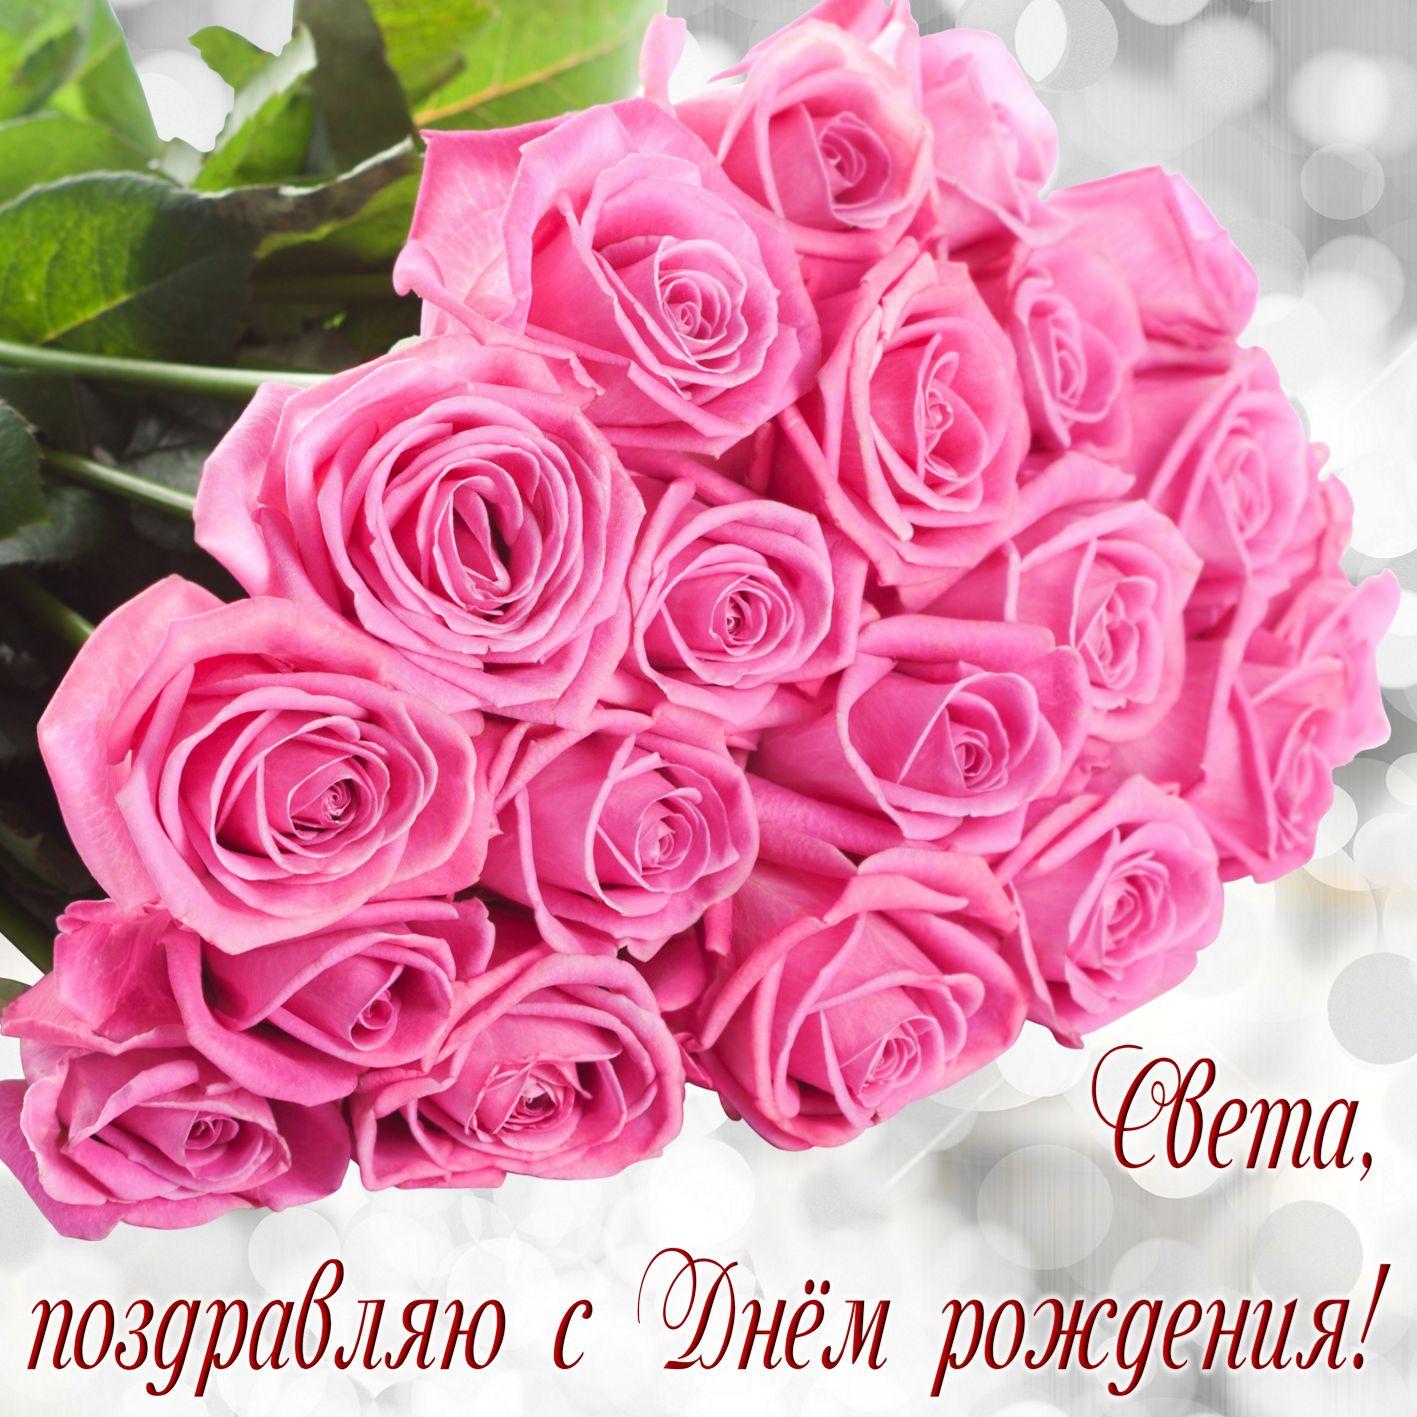 Картинки цветов для поздравления с юбилеем, лайки приложение надписью